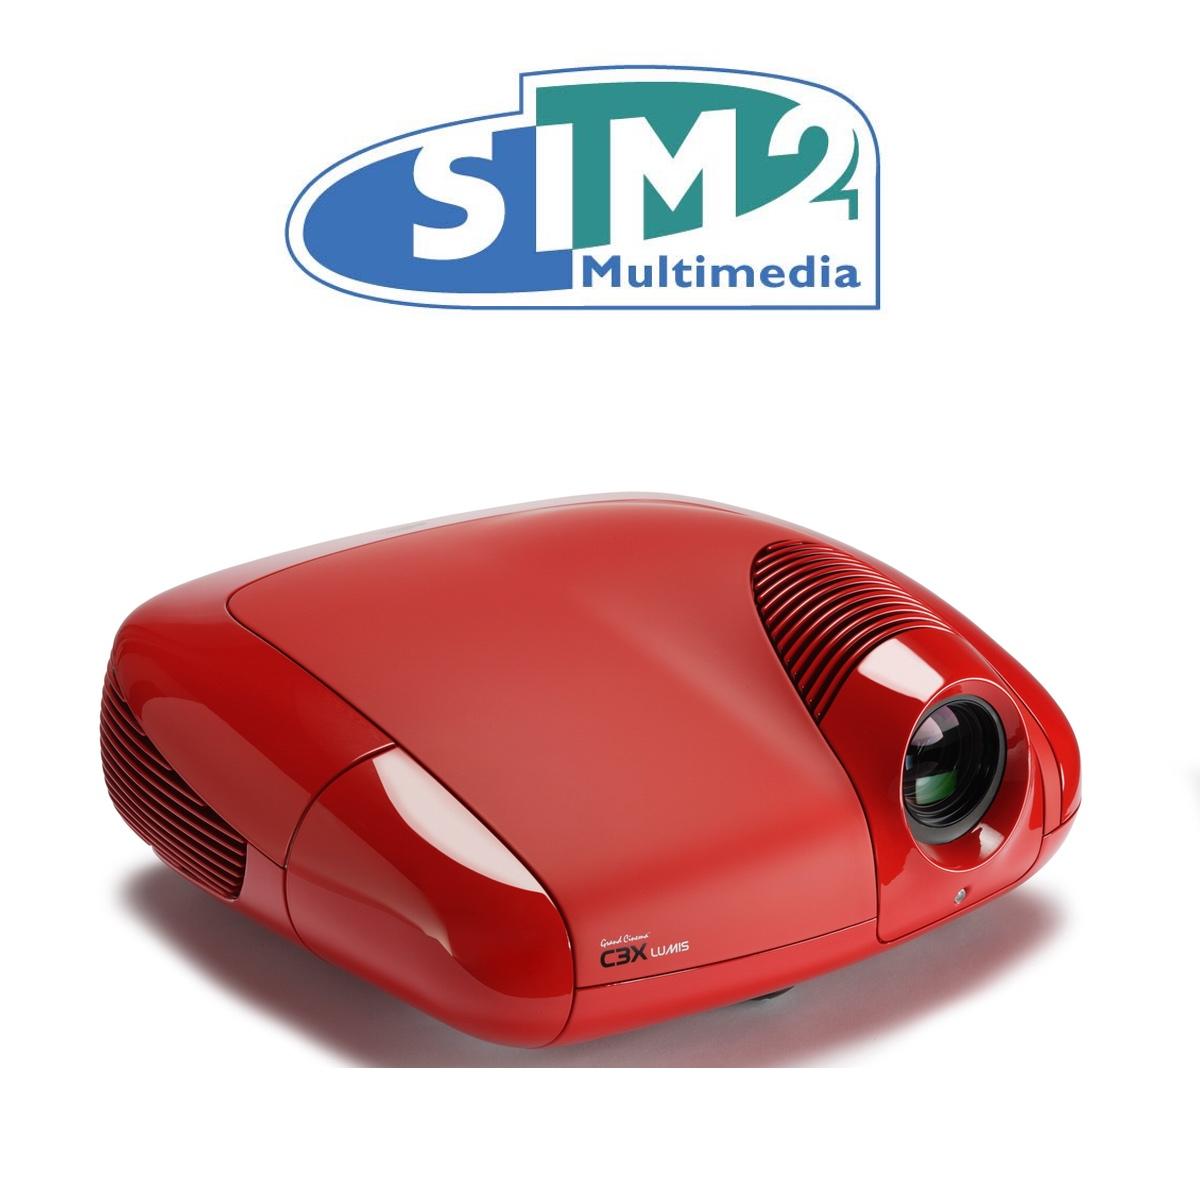 Sim2.jpg